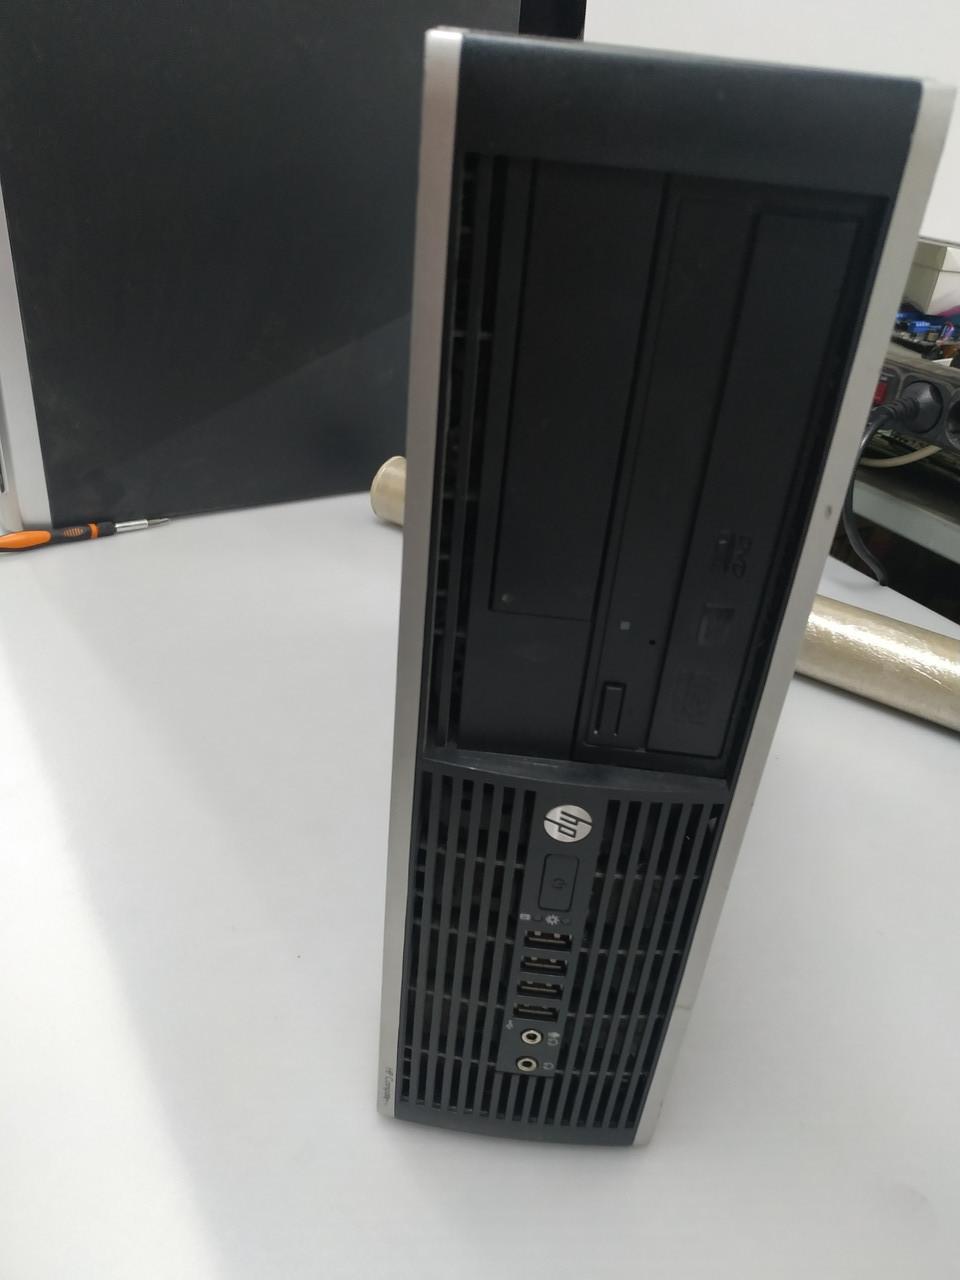 Компьютер современный офисный HP Compaq 6200 Pro Pentium G620, DDR3 4ГБ